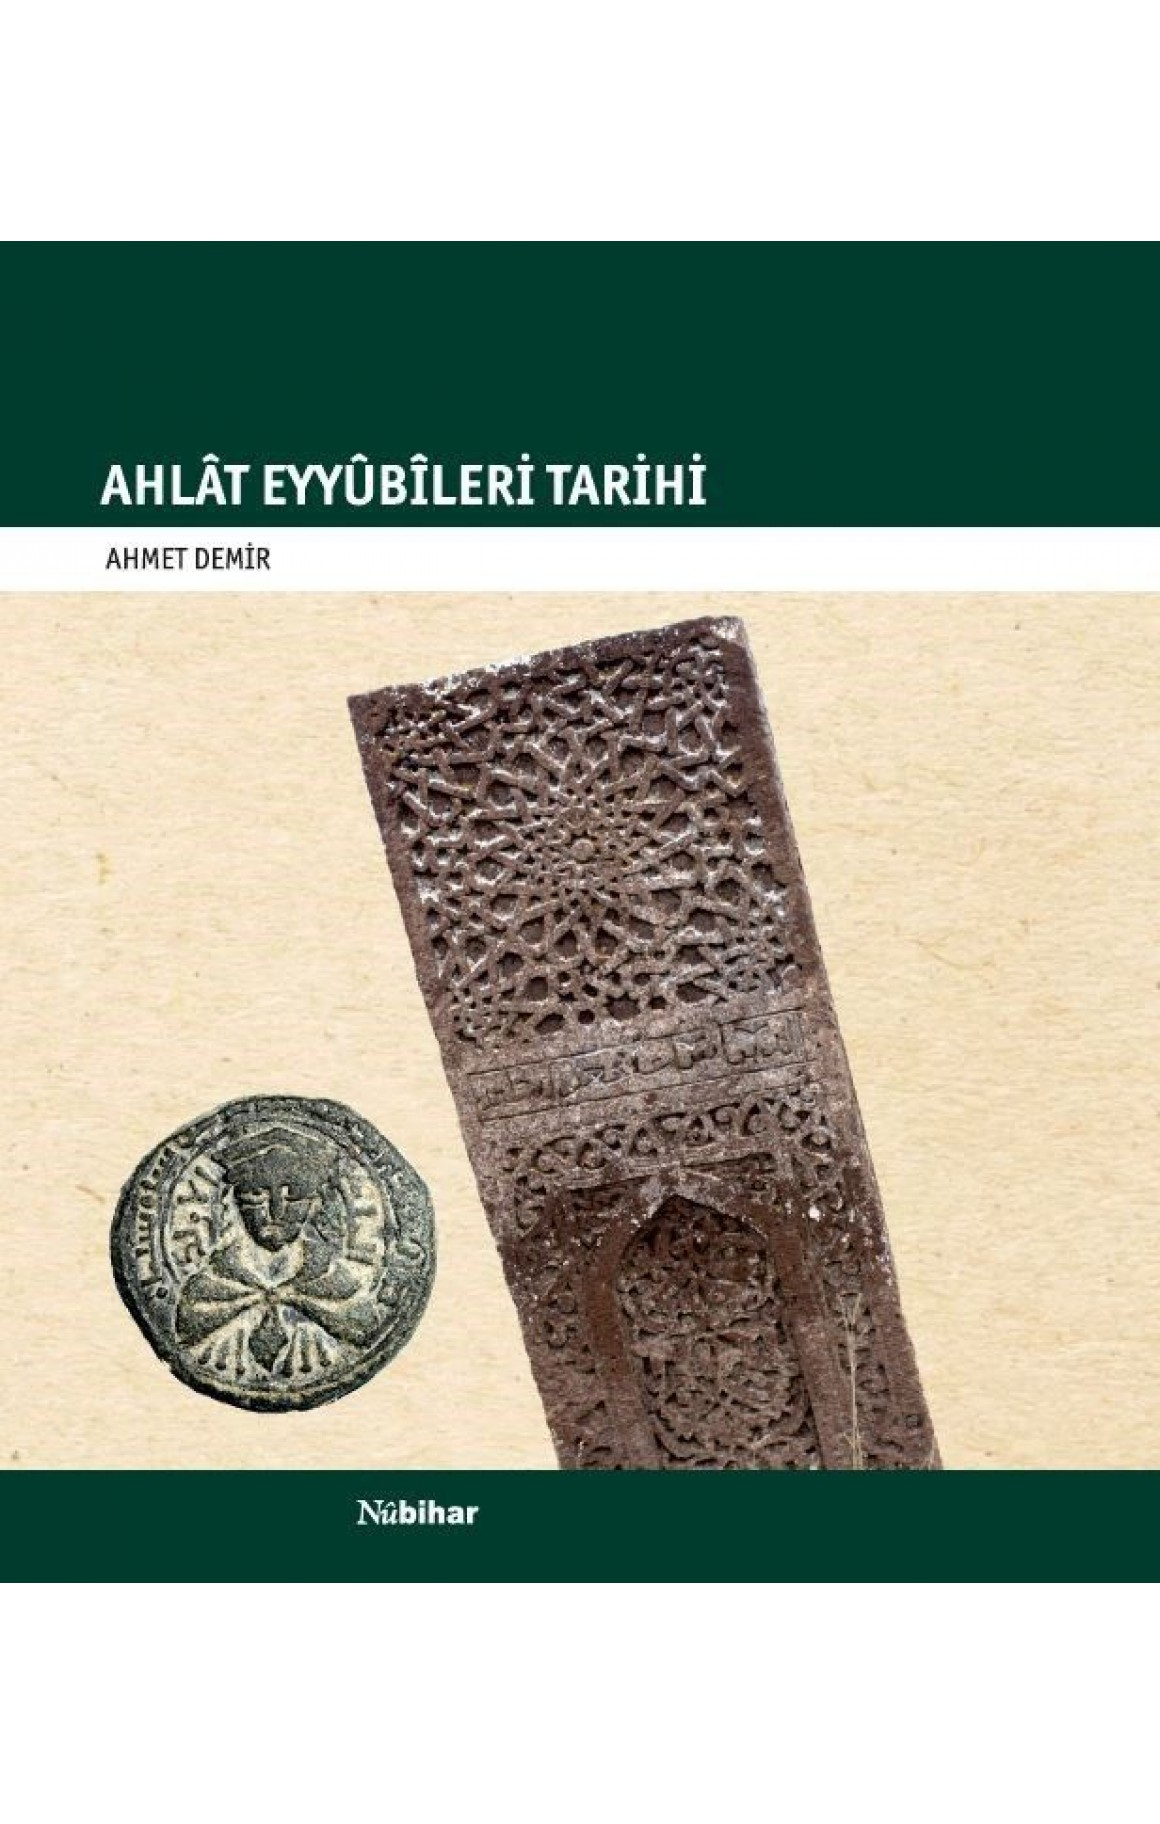 Ahlat Eyyubileri Tarihi